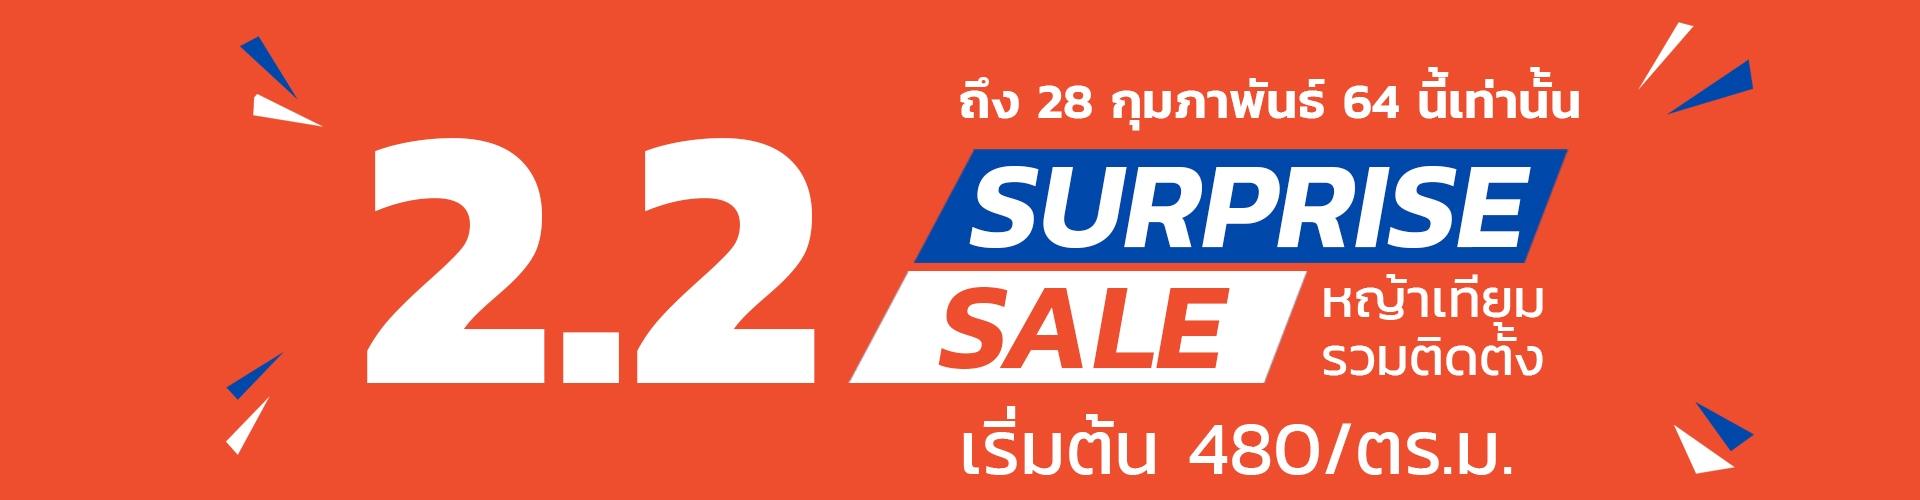 surprise sale 2.2